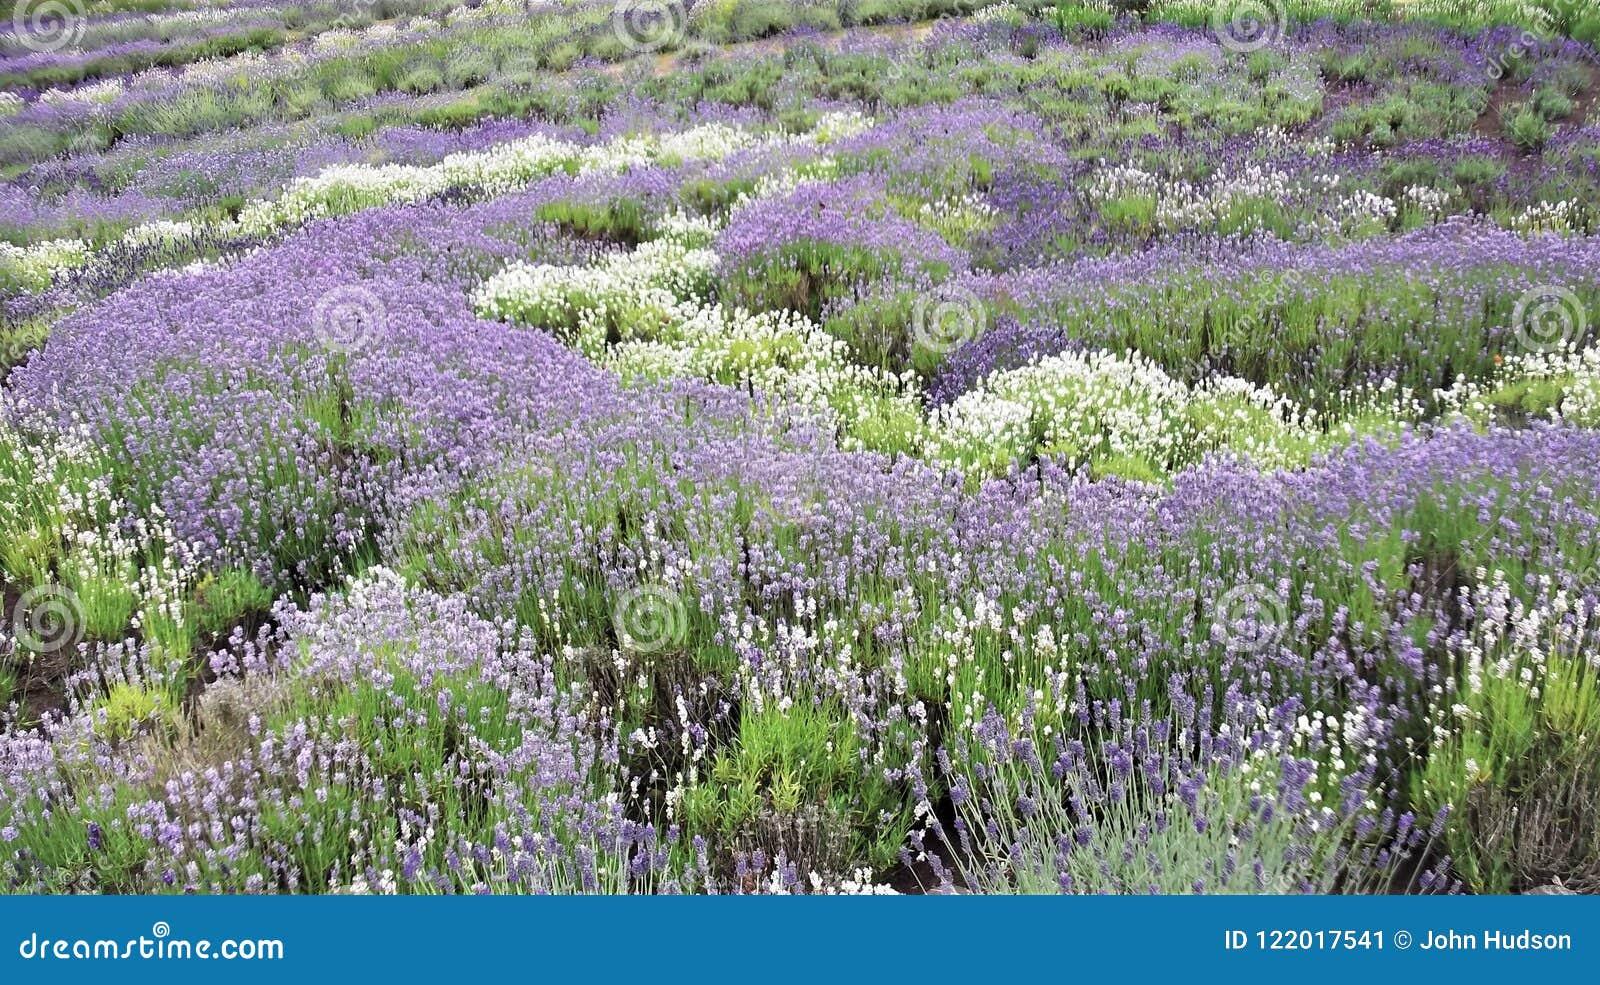 Lavendelstruiken in overvloed in de medio zomer